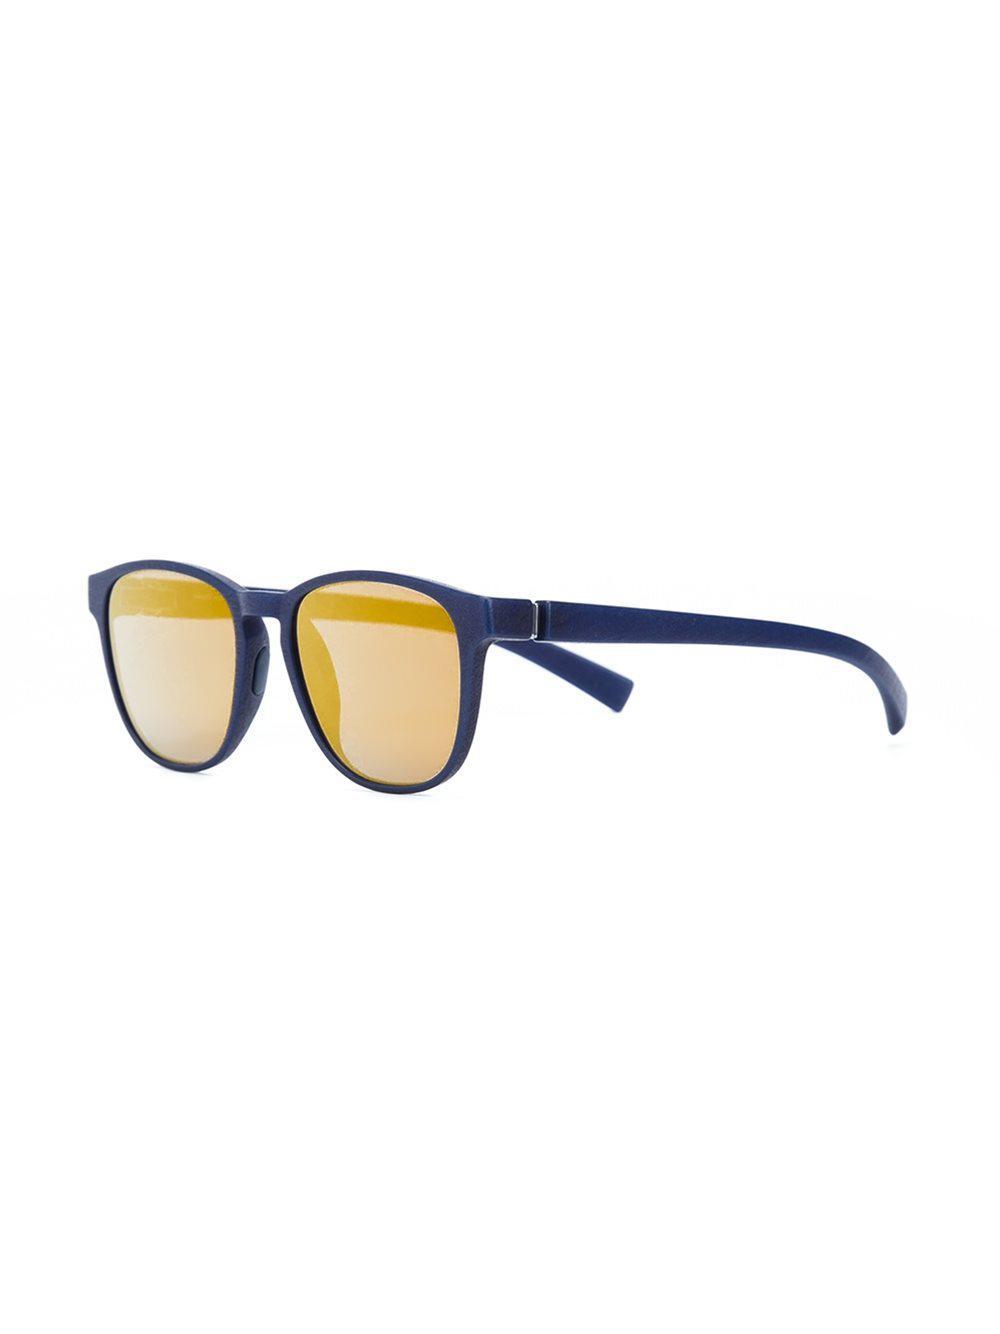 Mykita Synthetic 'lemas' Sunglasses in Blue